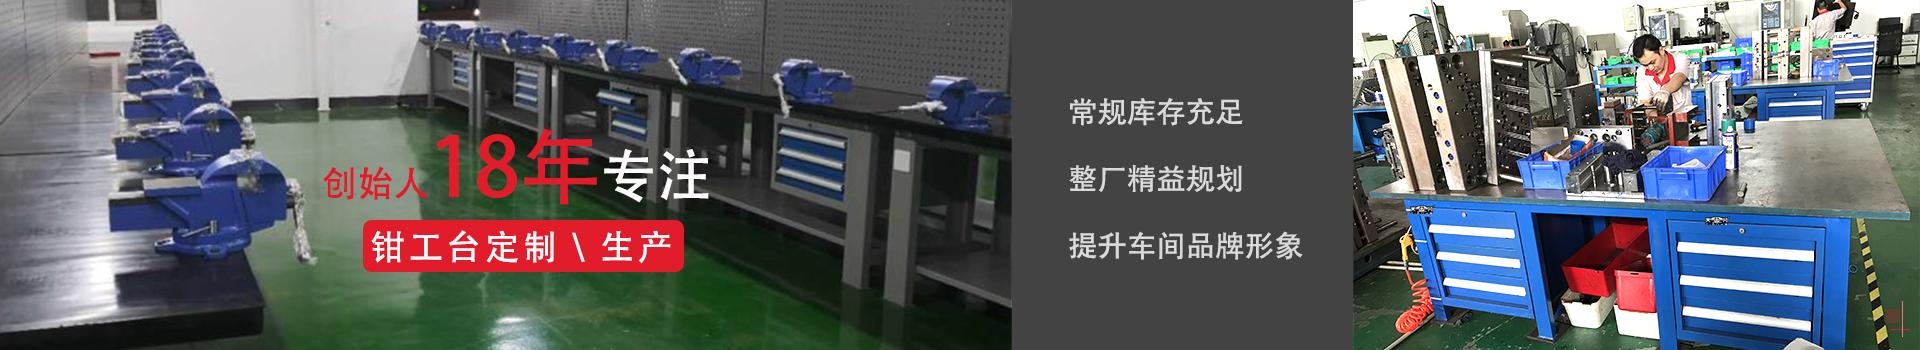 钳工桌广告图片banner-3